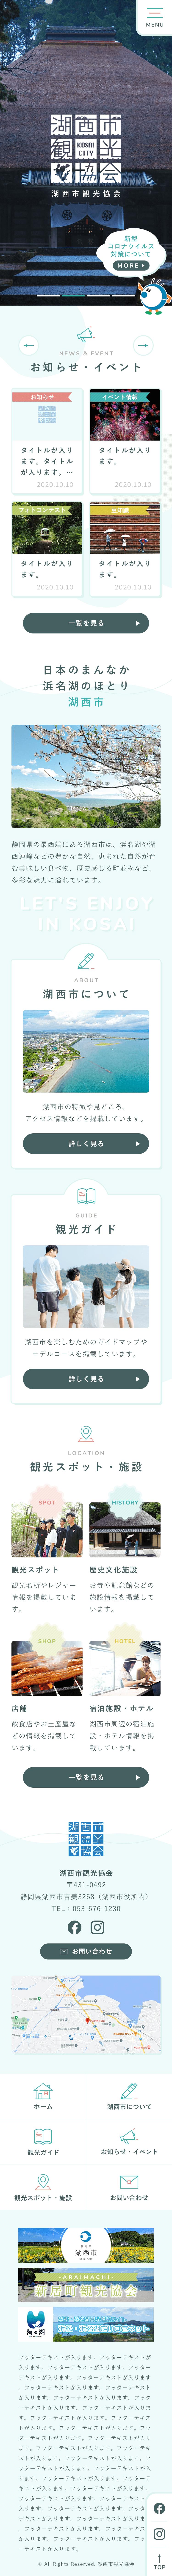 静岡県 湖西市観光協会 様